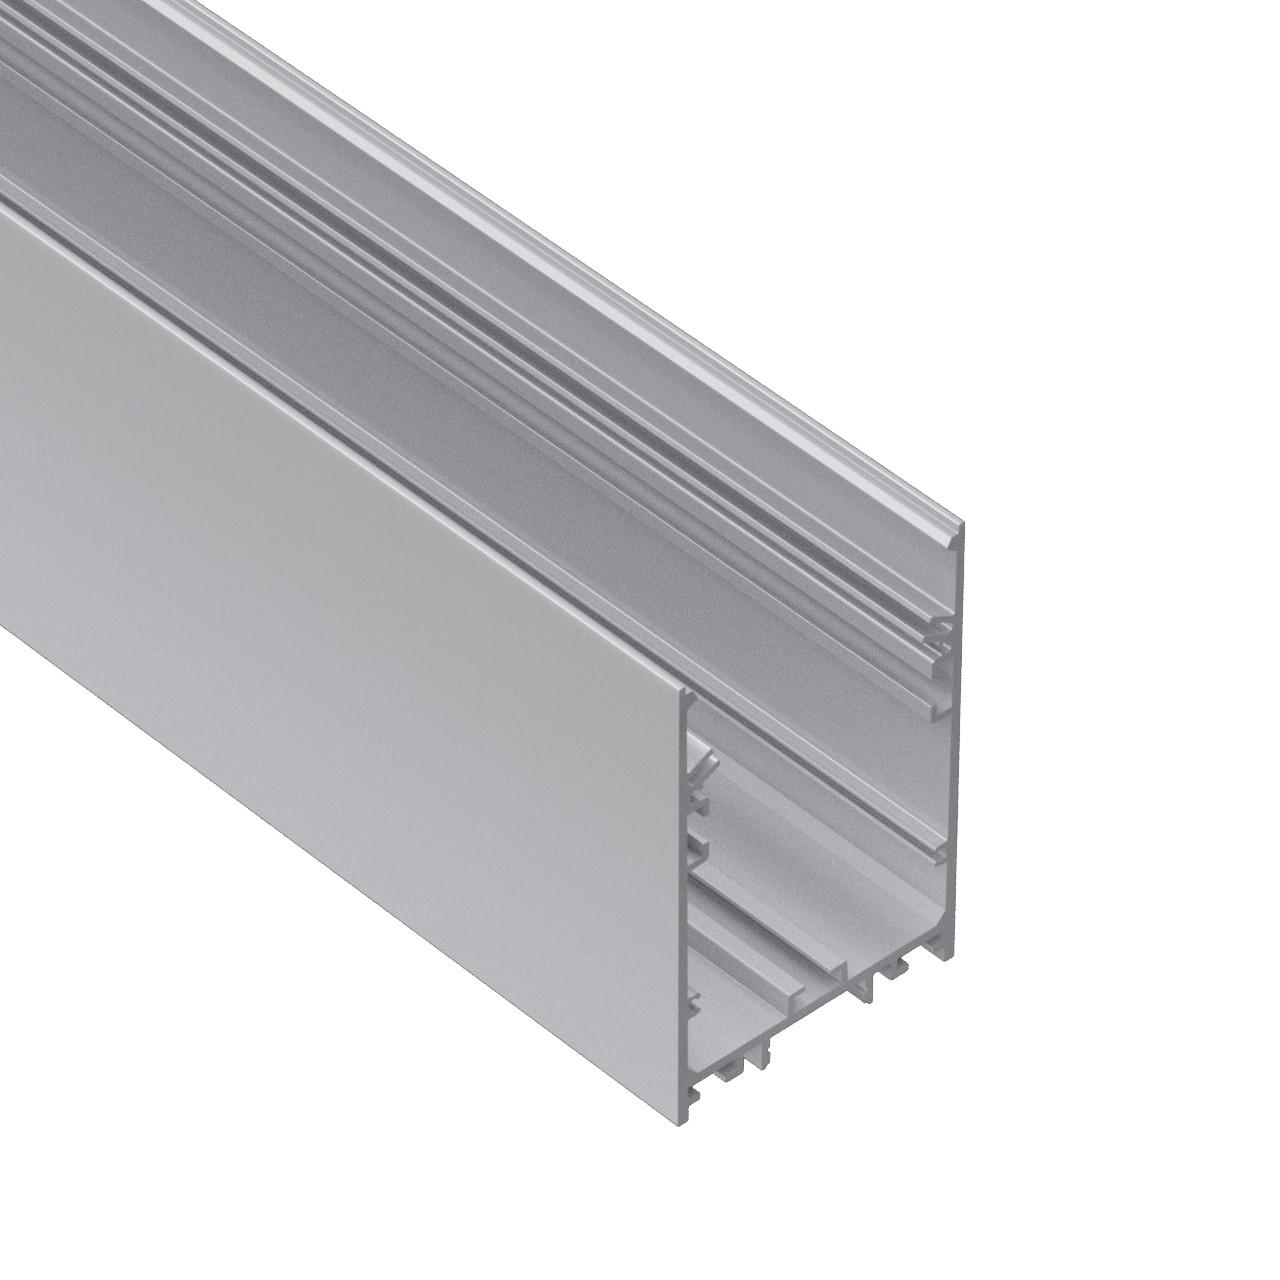 P60 Led Aluminum Profile